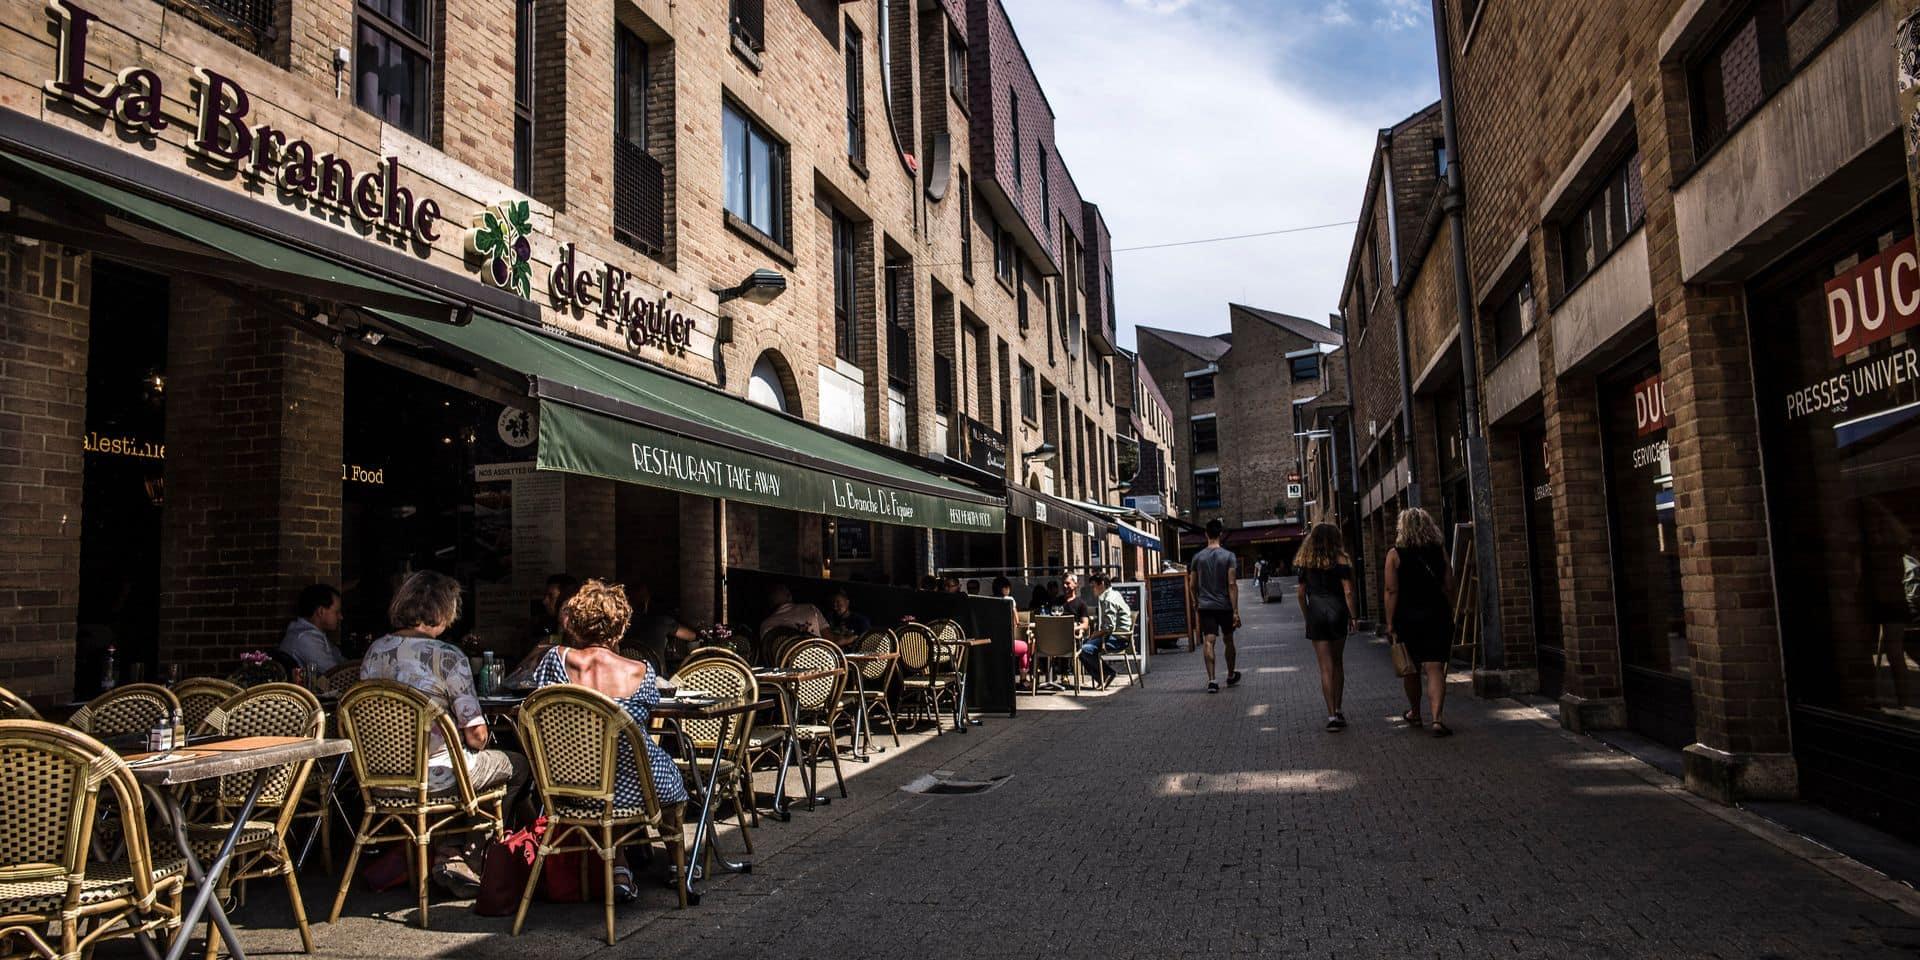 Un mineur interpellé après un braquage à main armée à Louvain-la-Neuve